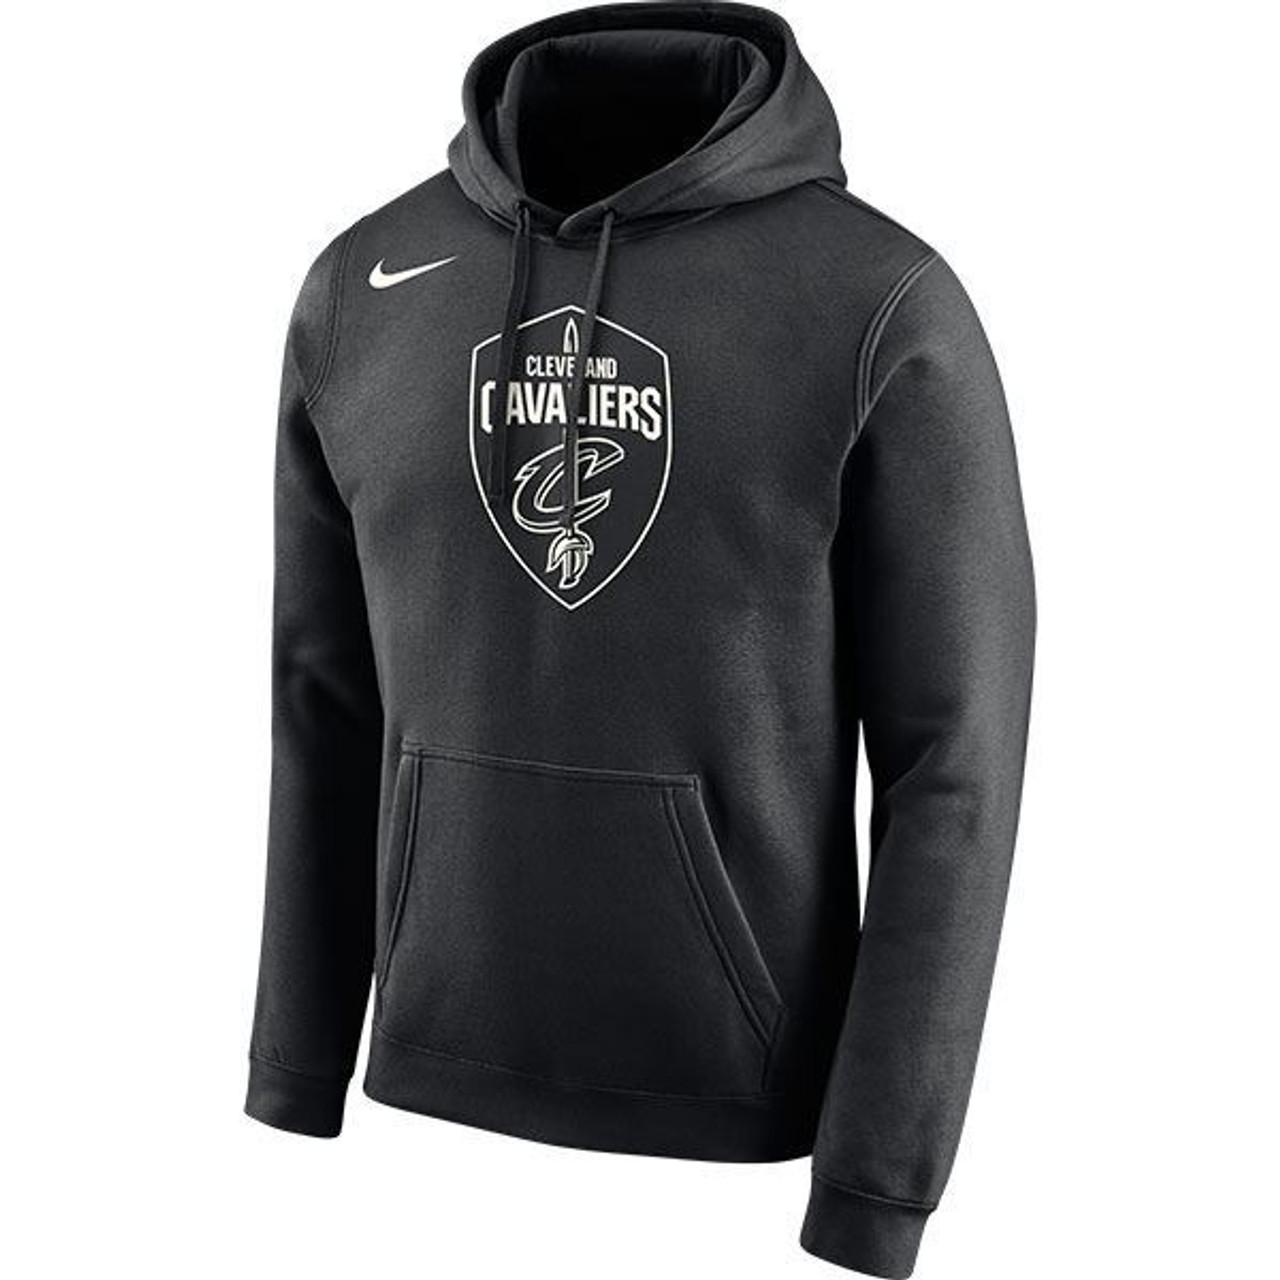 531378cfa78f Nike Black   White Global Shield Hoodie - Cleveland Cavaliers